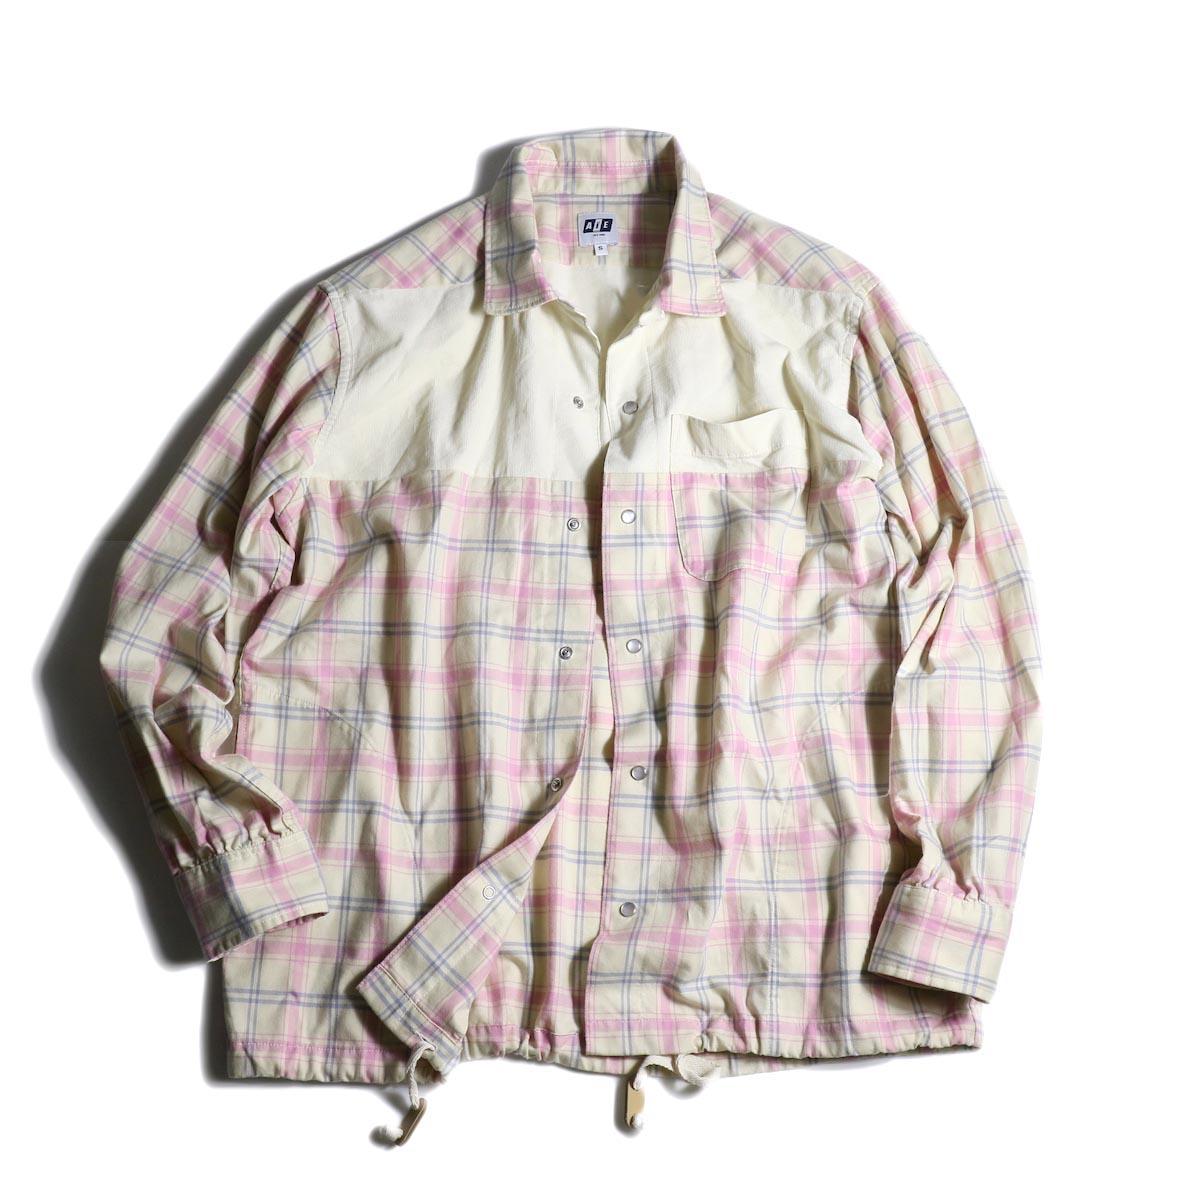 AiE / Coach Shirt -Cotton Plaid